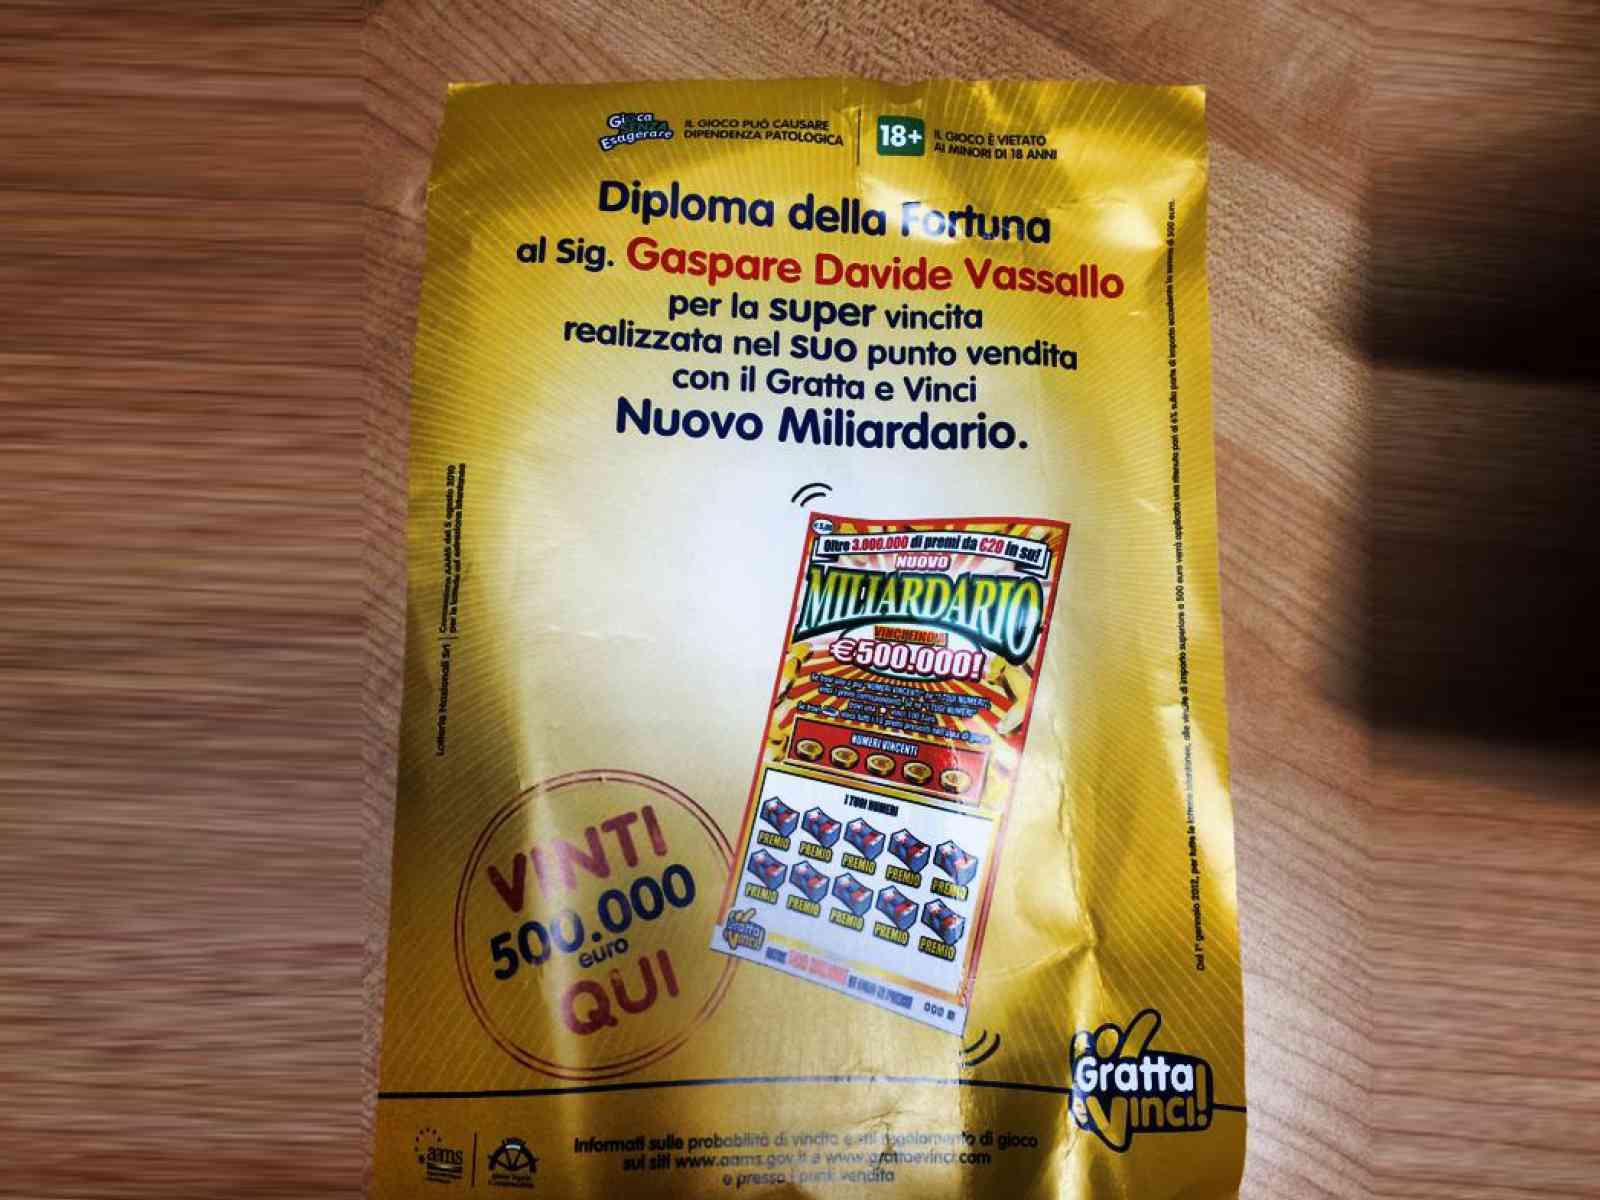 Santa Margherita. Vinti 500 mila euro con gratta e vinci, chi sarà il vincitore?